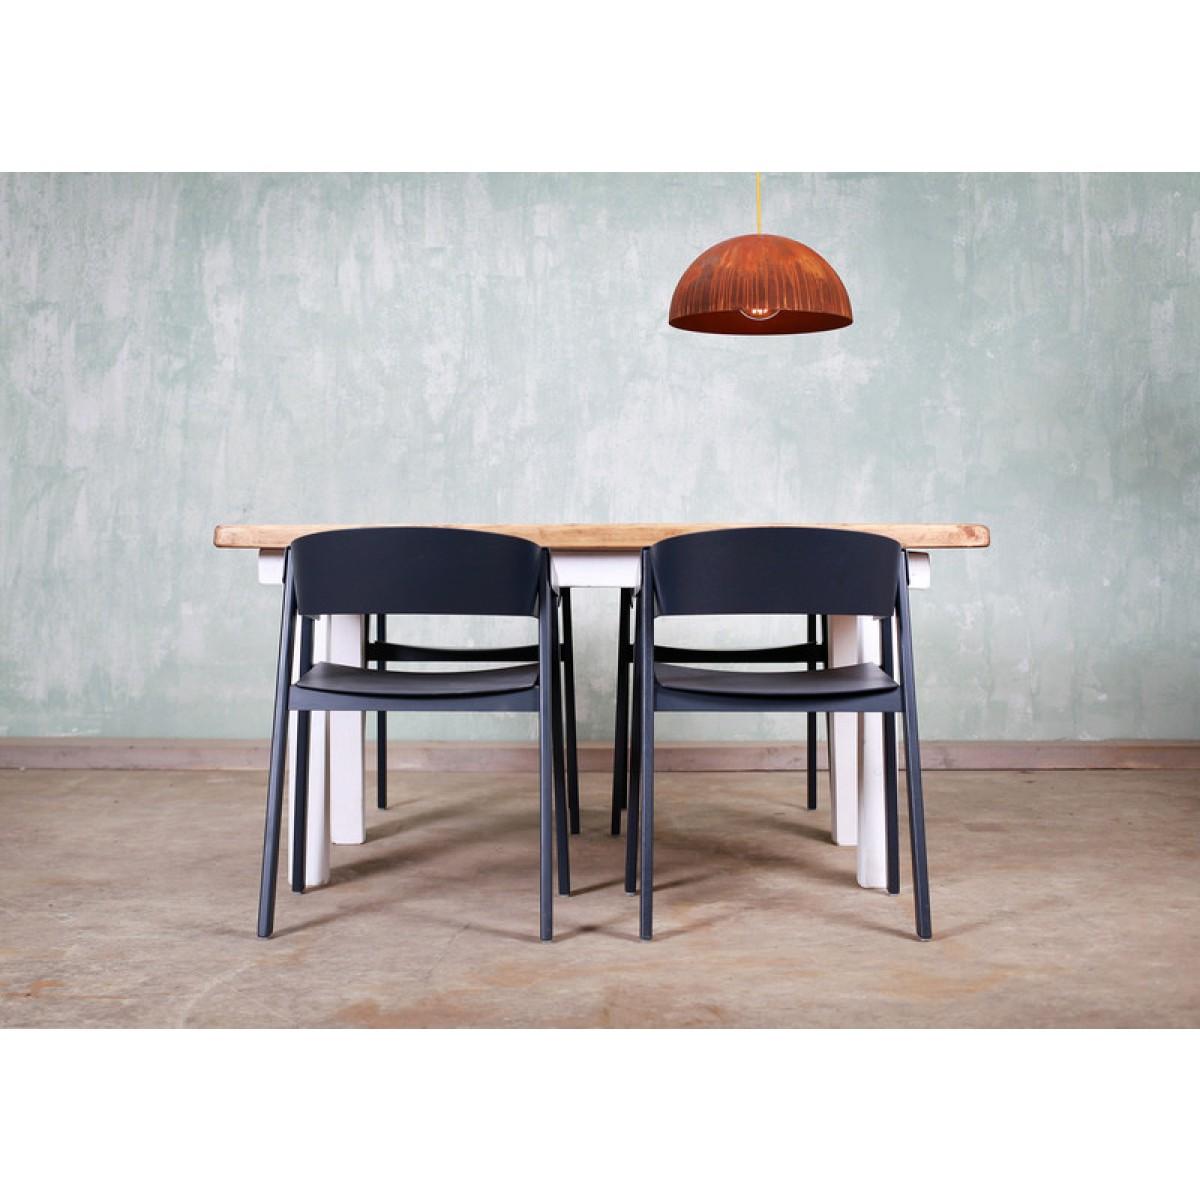 Tisch im Landhaus-Stil aus Bauholz Jasmijn 170x90